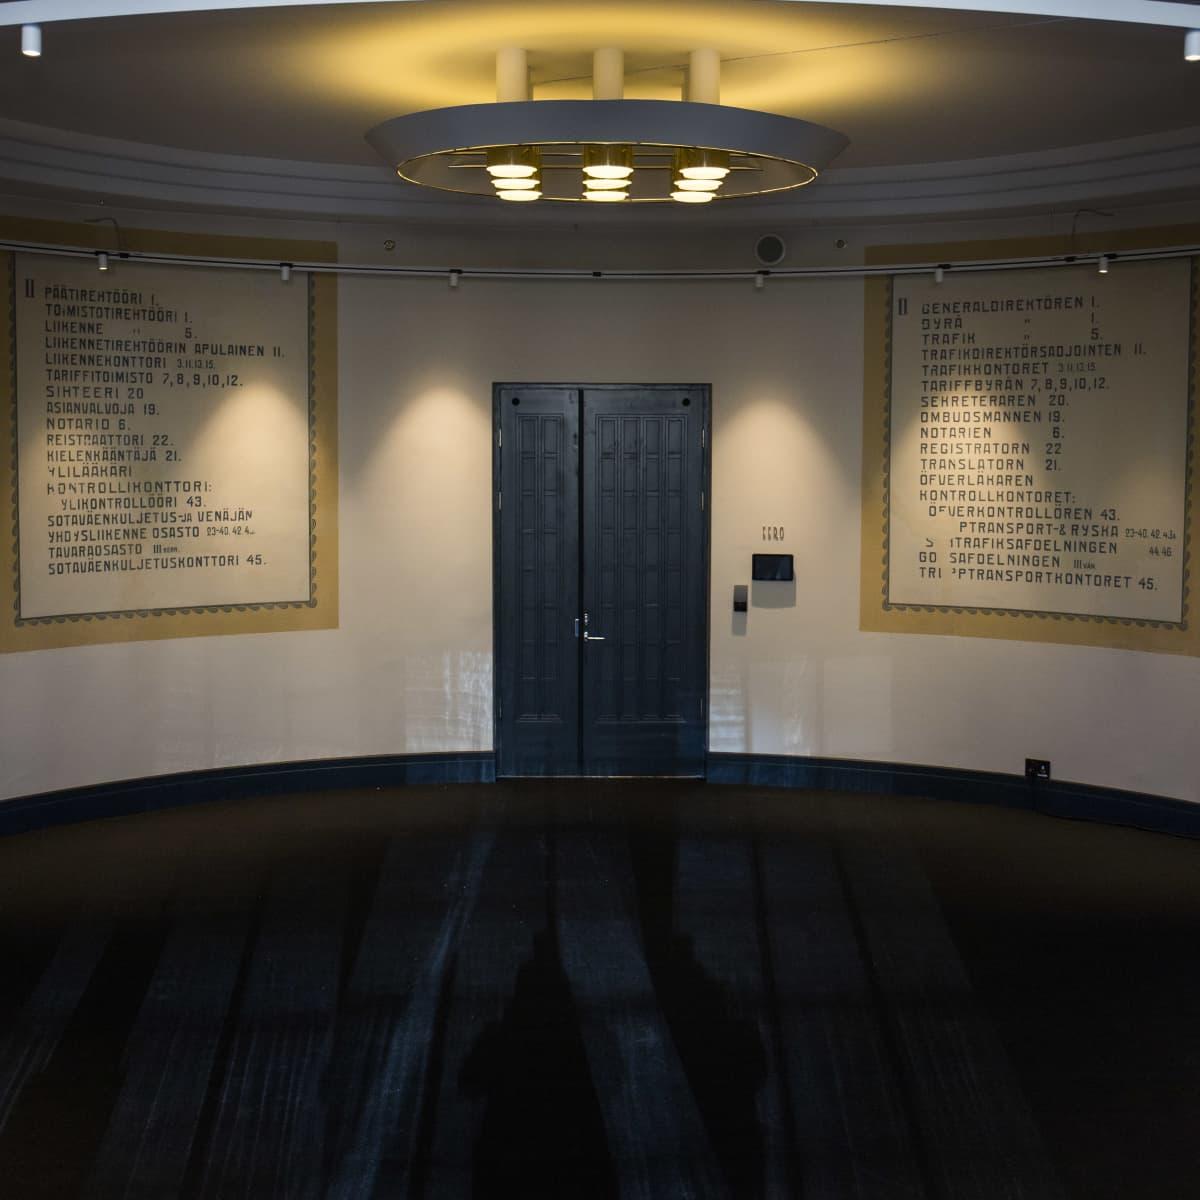 Scandic Grand Central Helsinki -hotellin käytävä, jossa näkyvillä vanha seinämaalaus, siinä kerroksessa työskennelleitä ammattinimikkeitä.